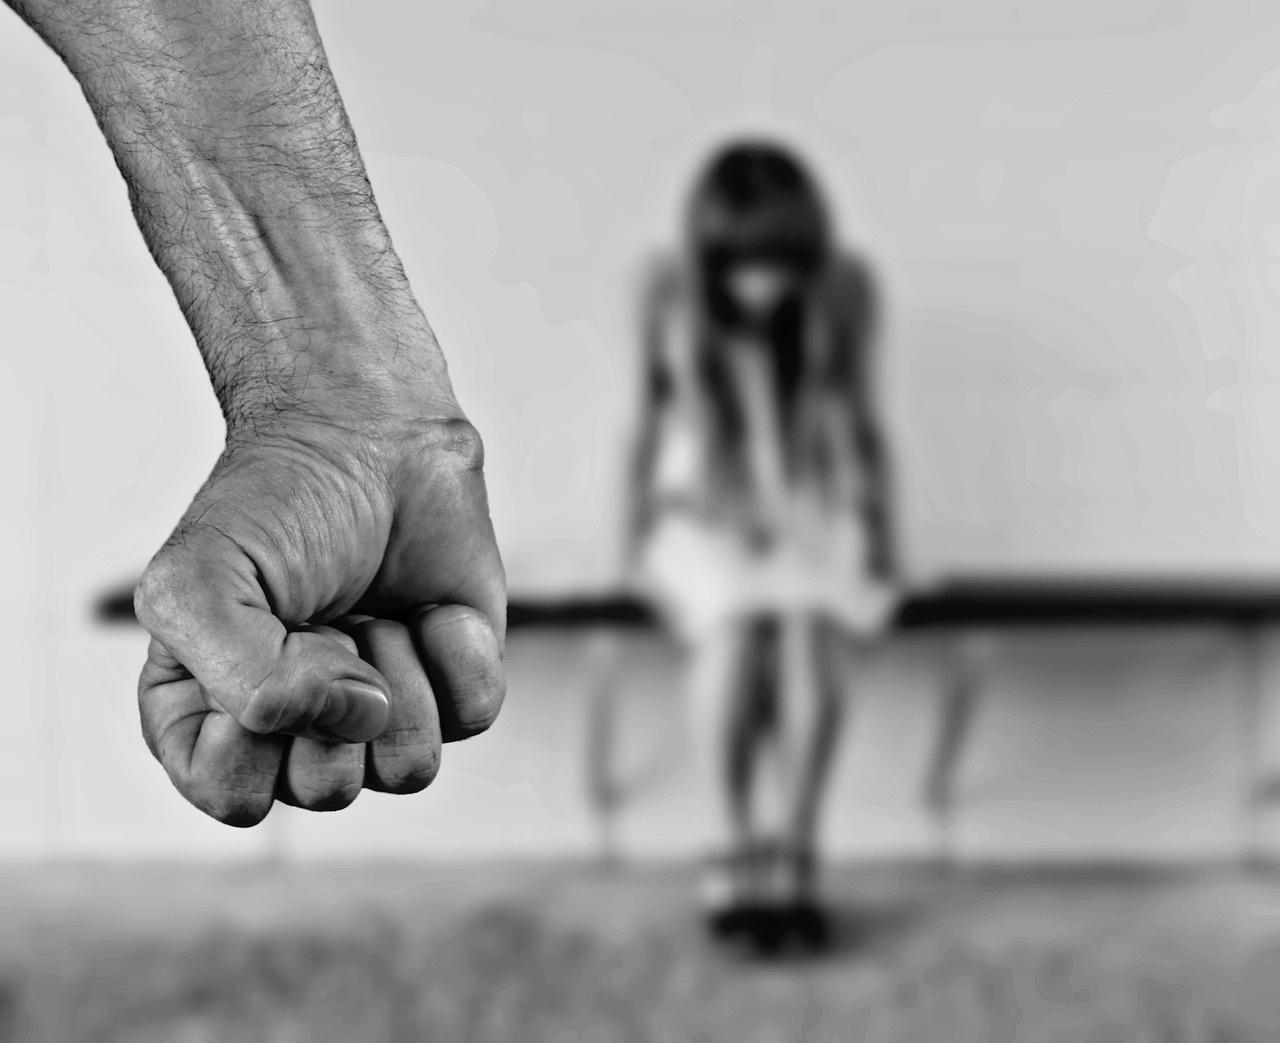 Klaipėdoje bandyta pagrobti moterį, jai pavyko pabėgti